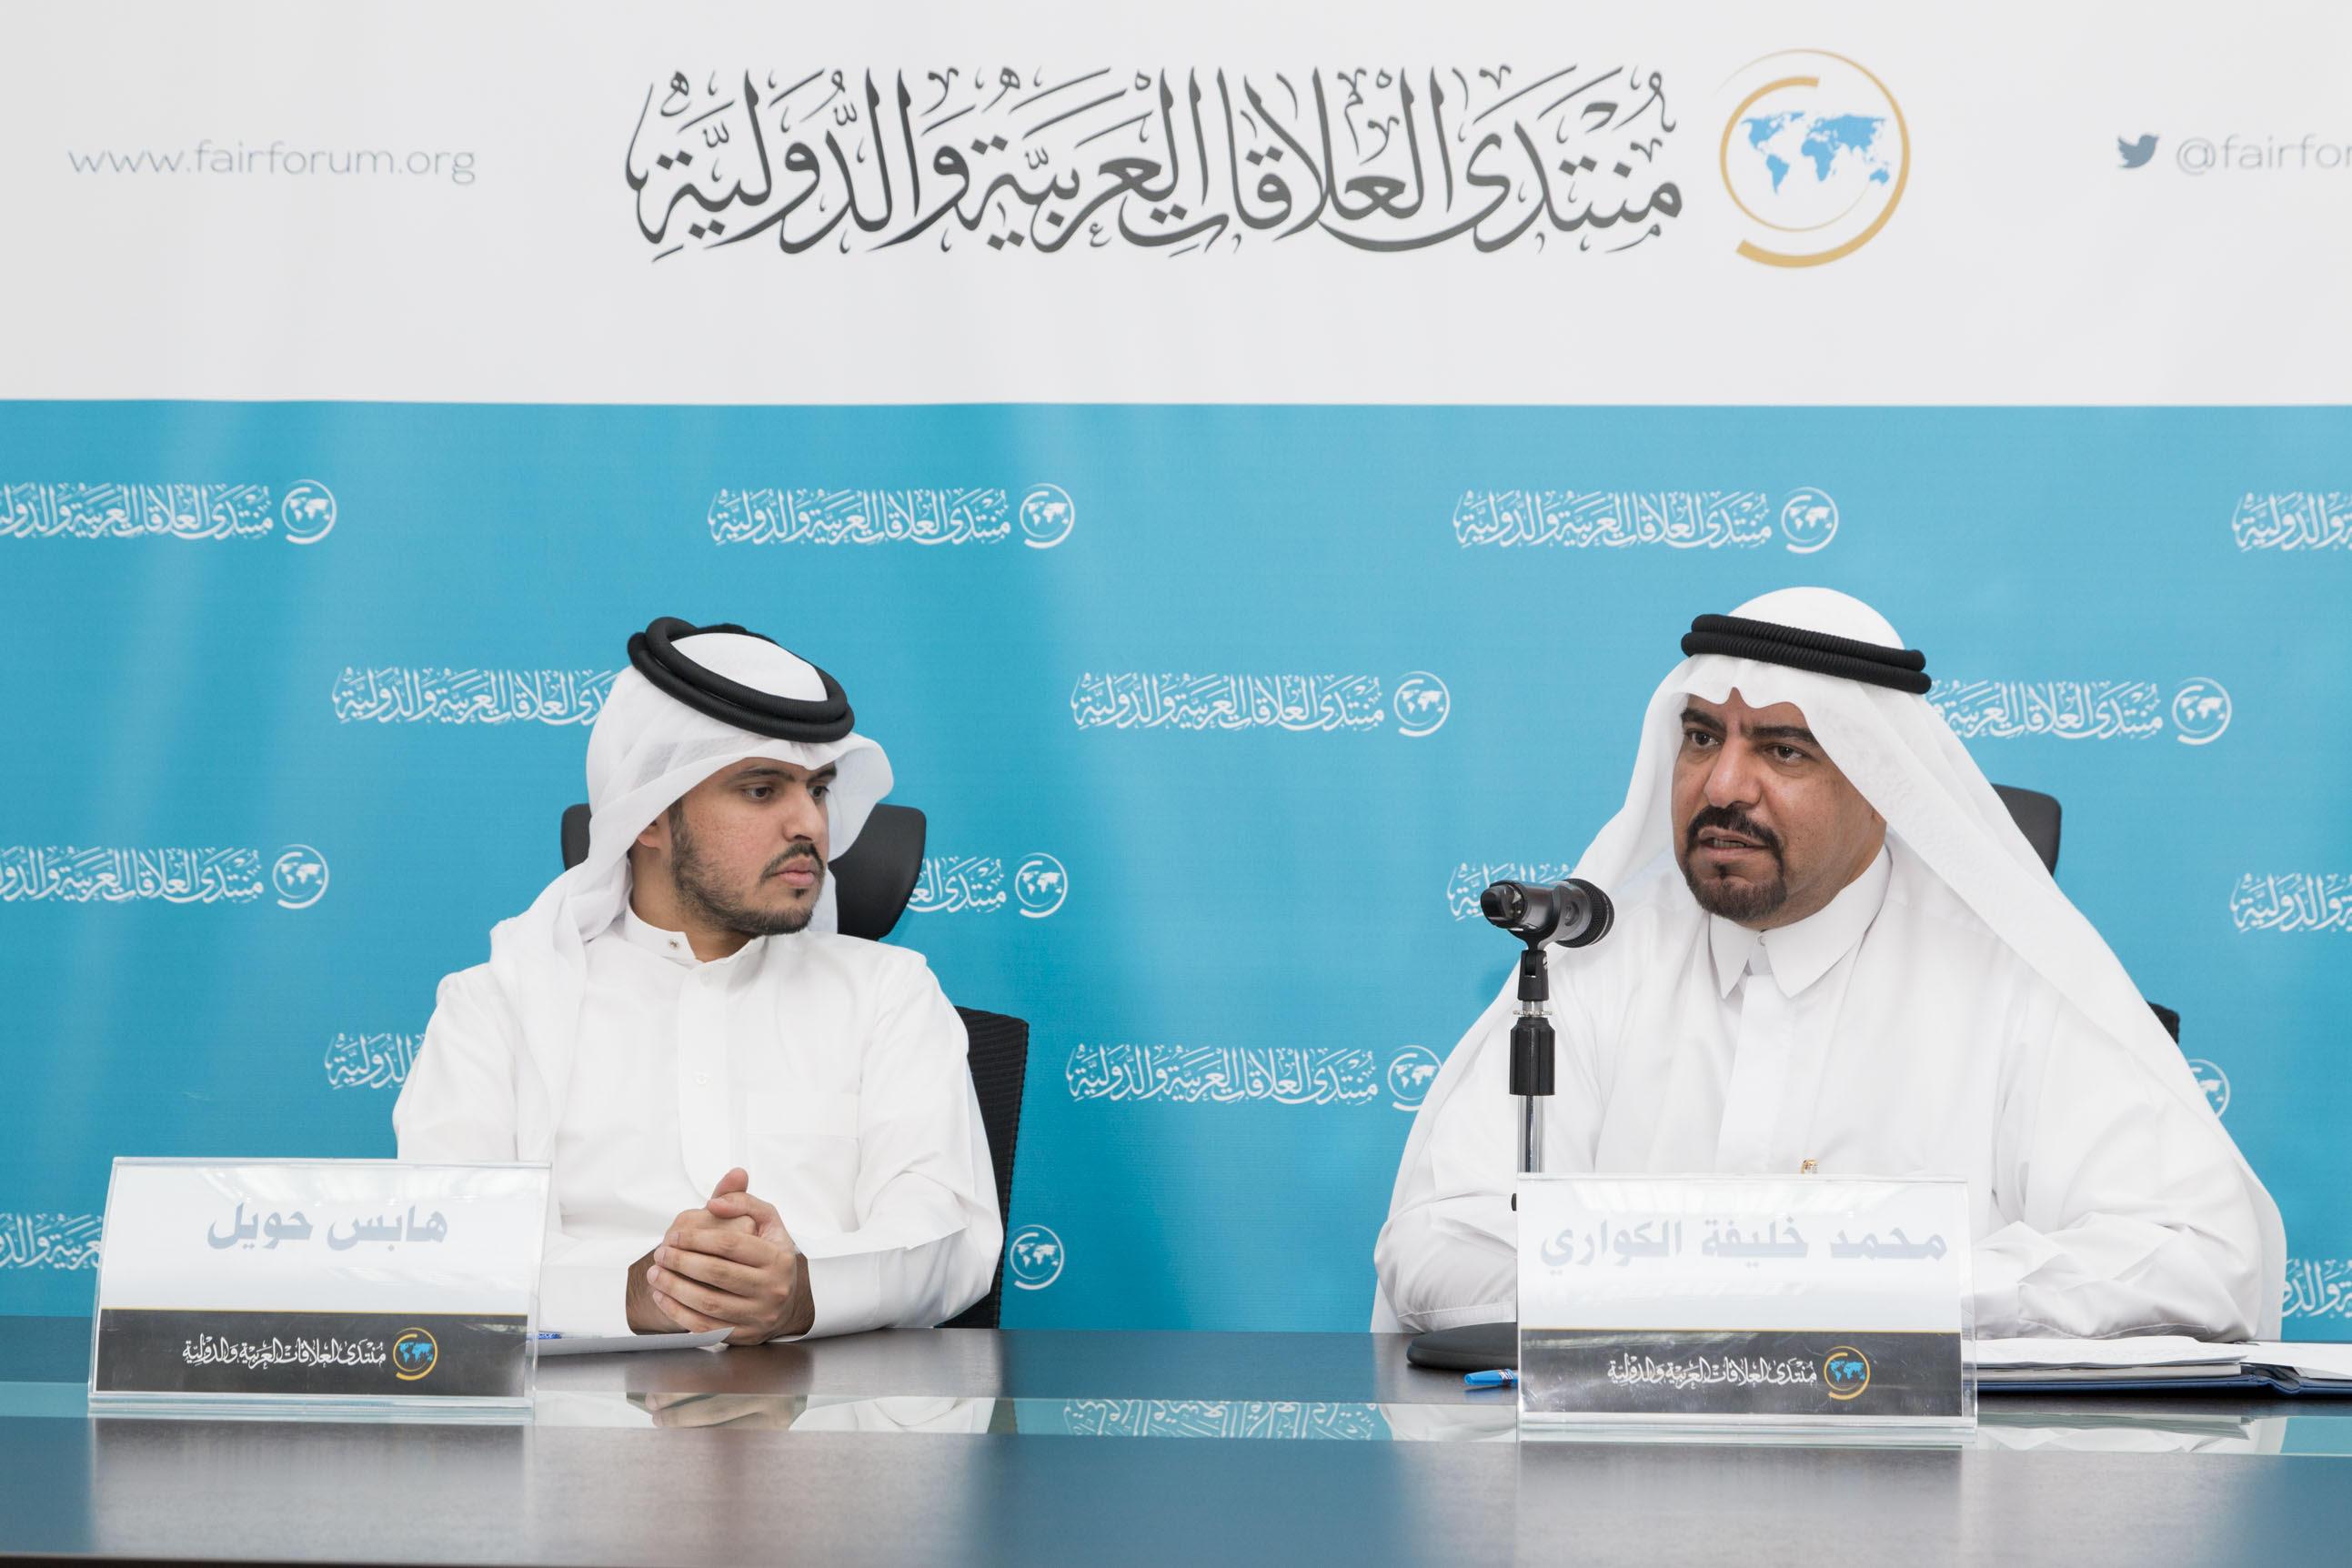 التغيرات الاجتماعية والتخطيط الحضري في الخليج